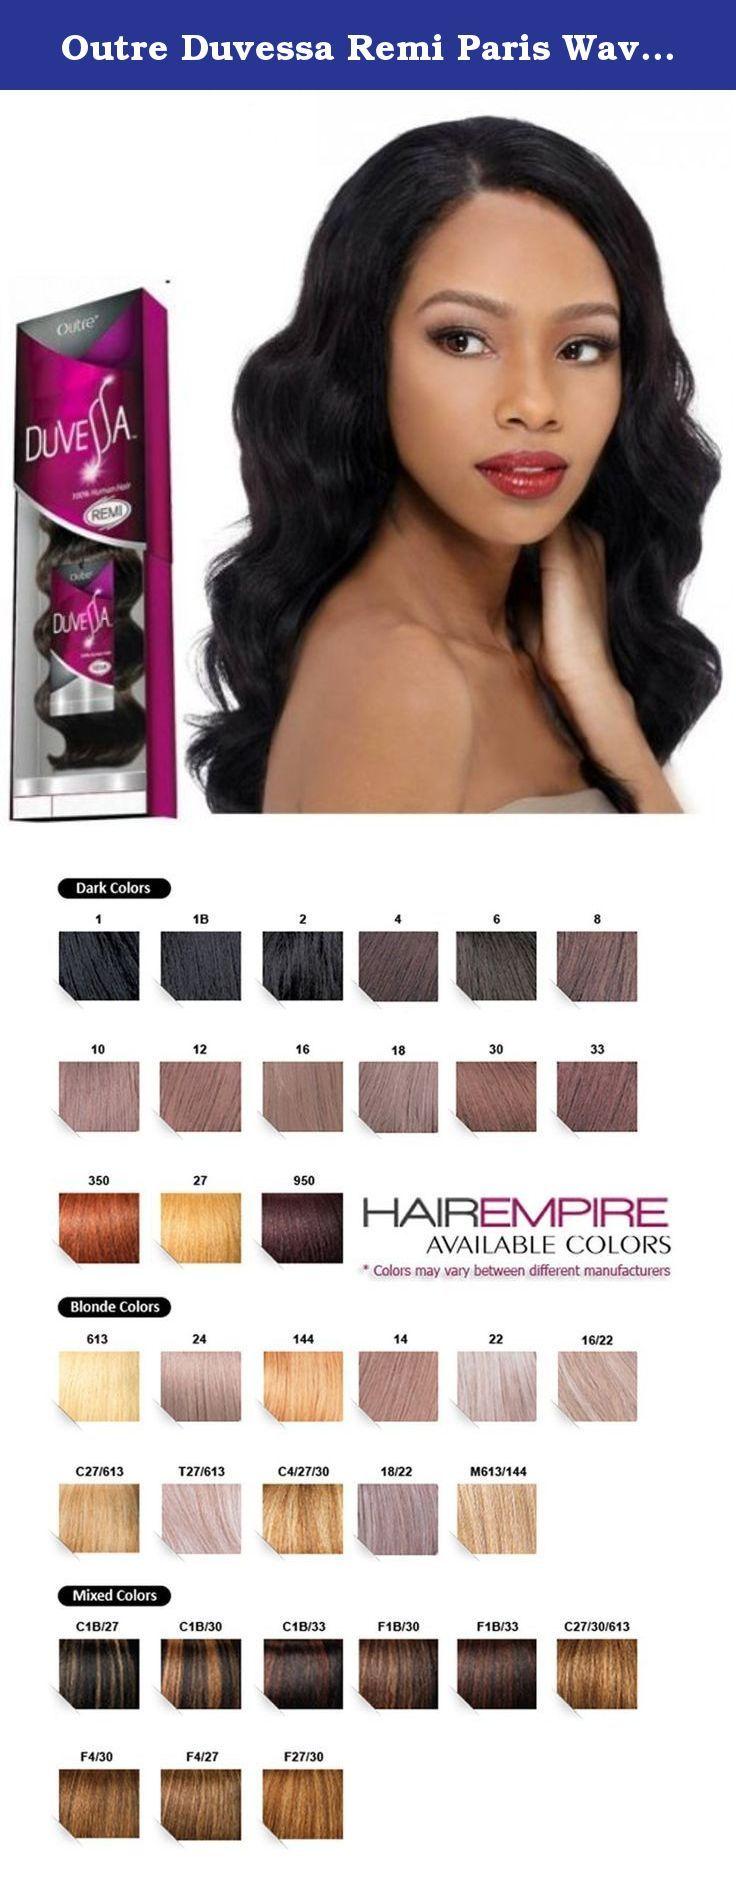 Outre Duvessa Remi Paris Wave 18 4 100 Remi Quality Human Hair